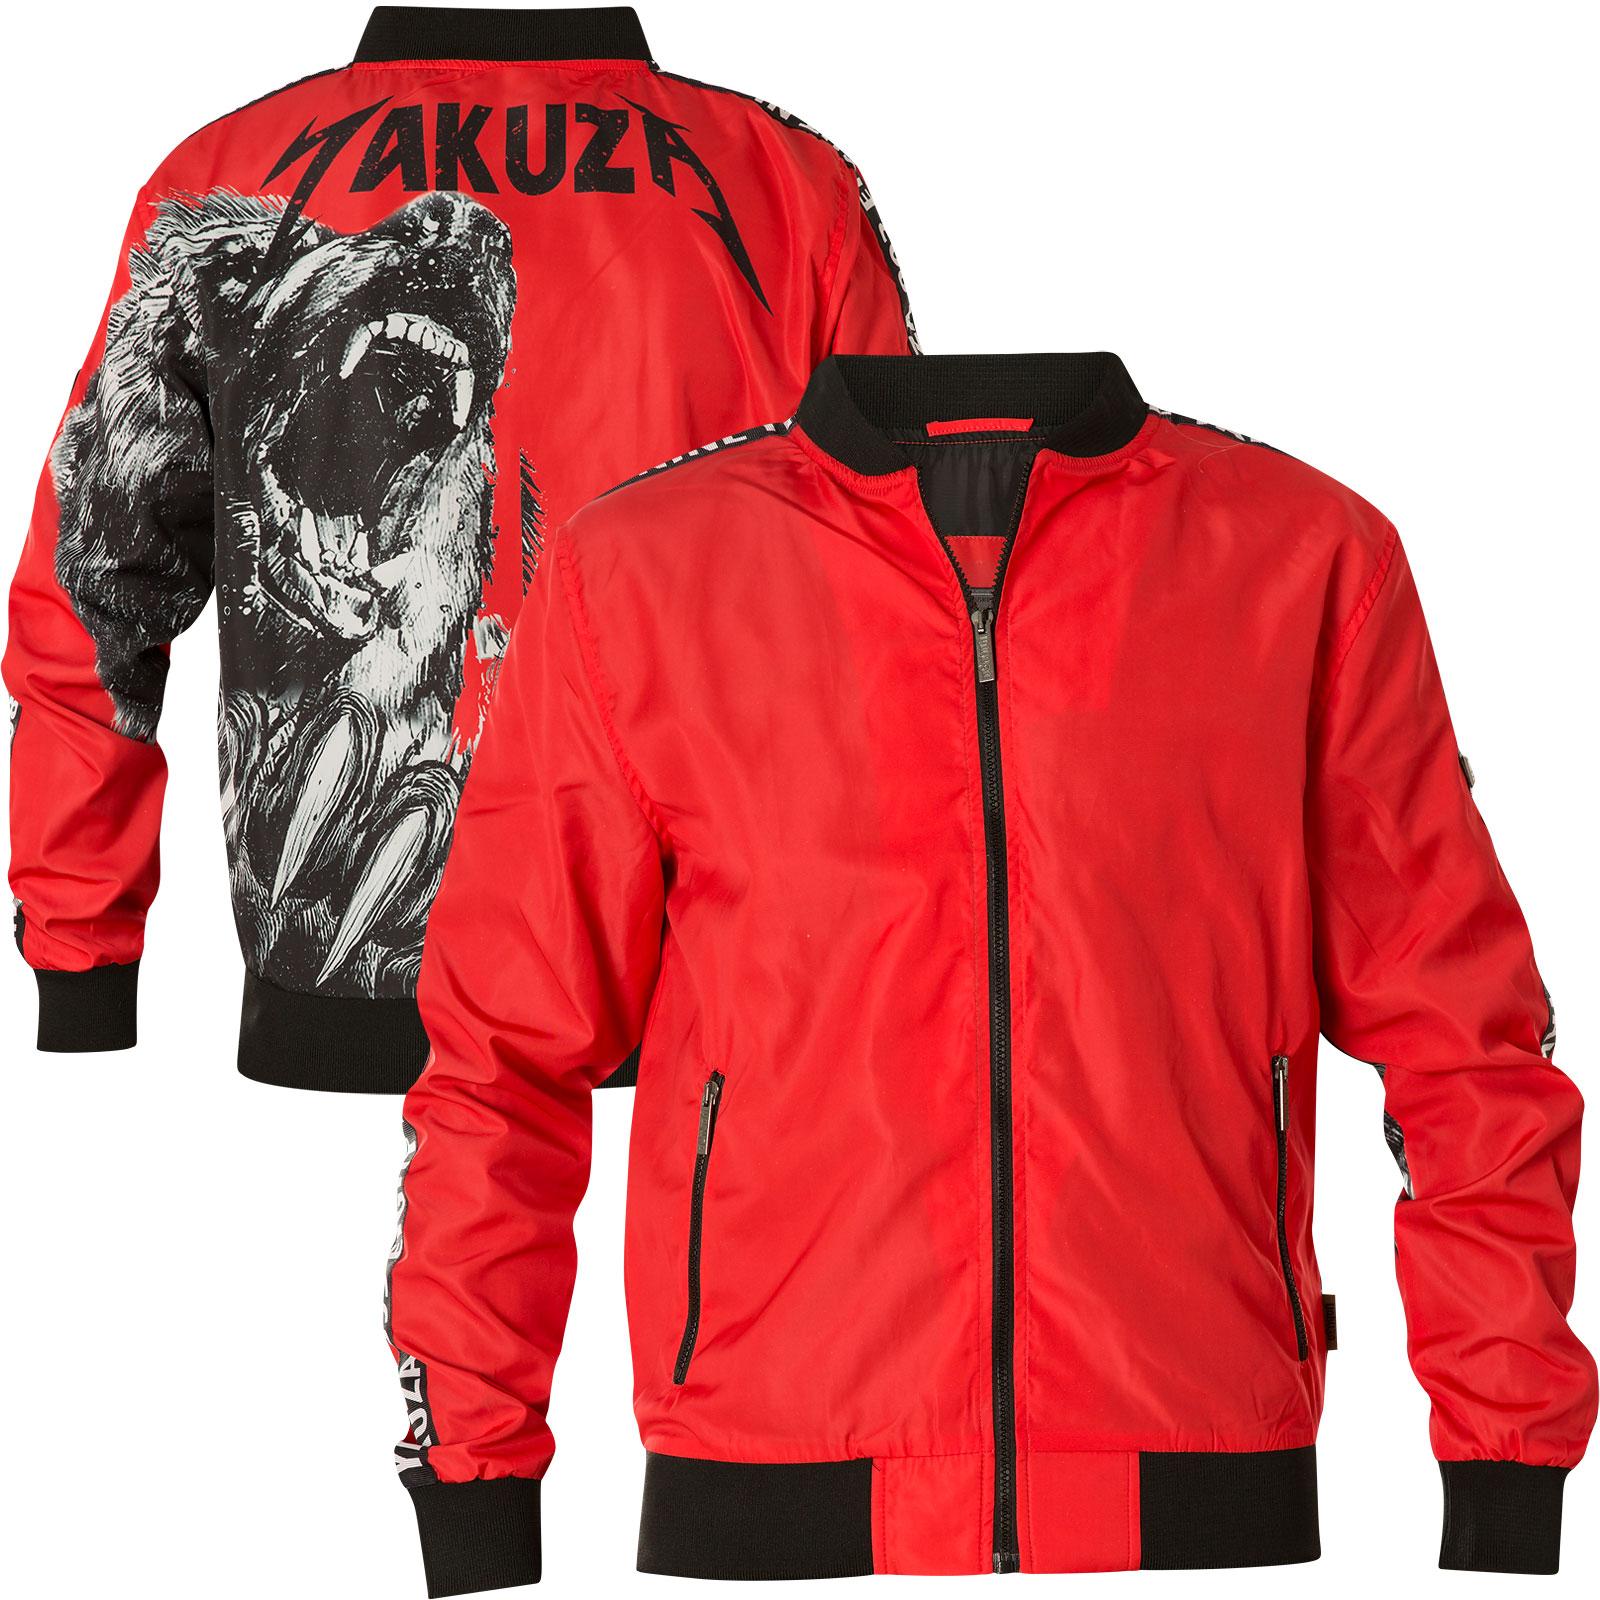 YAKUZA Jacke Skull V02 Track Top ZB-12041 Ribbon Red Rot Jacken